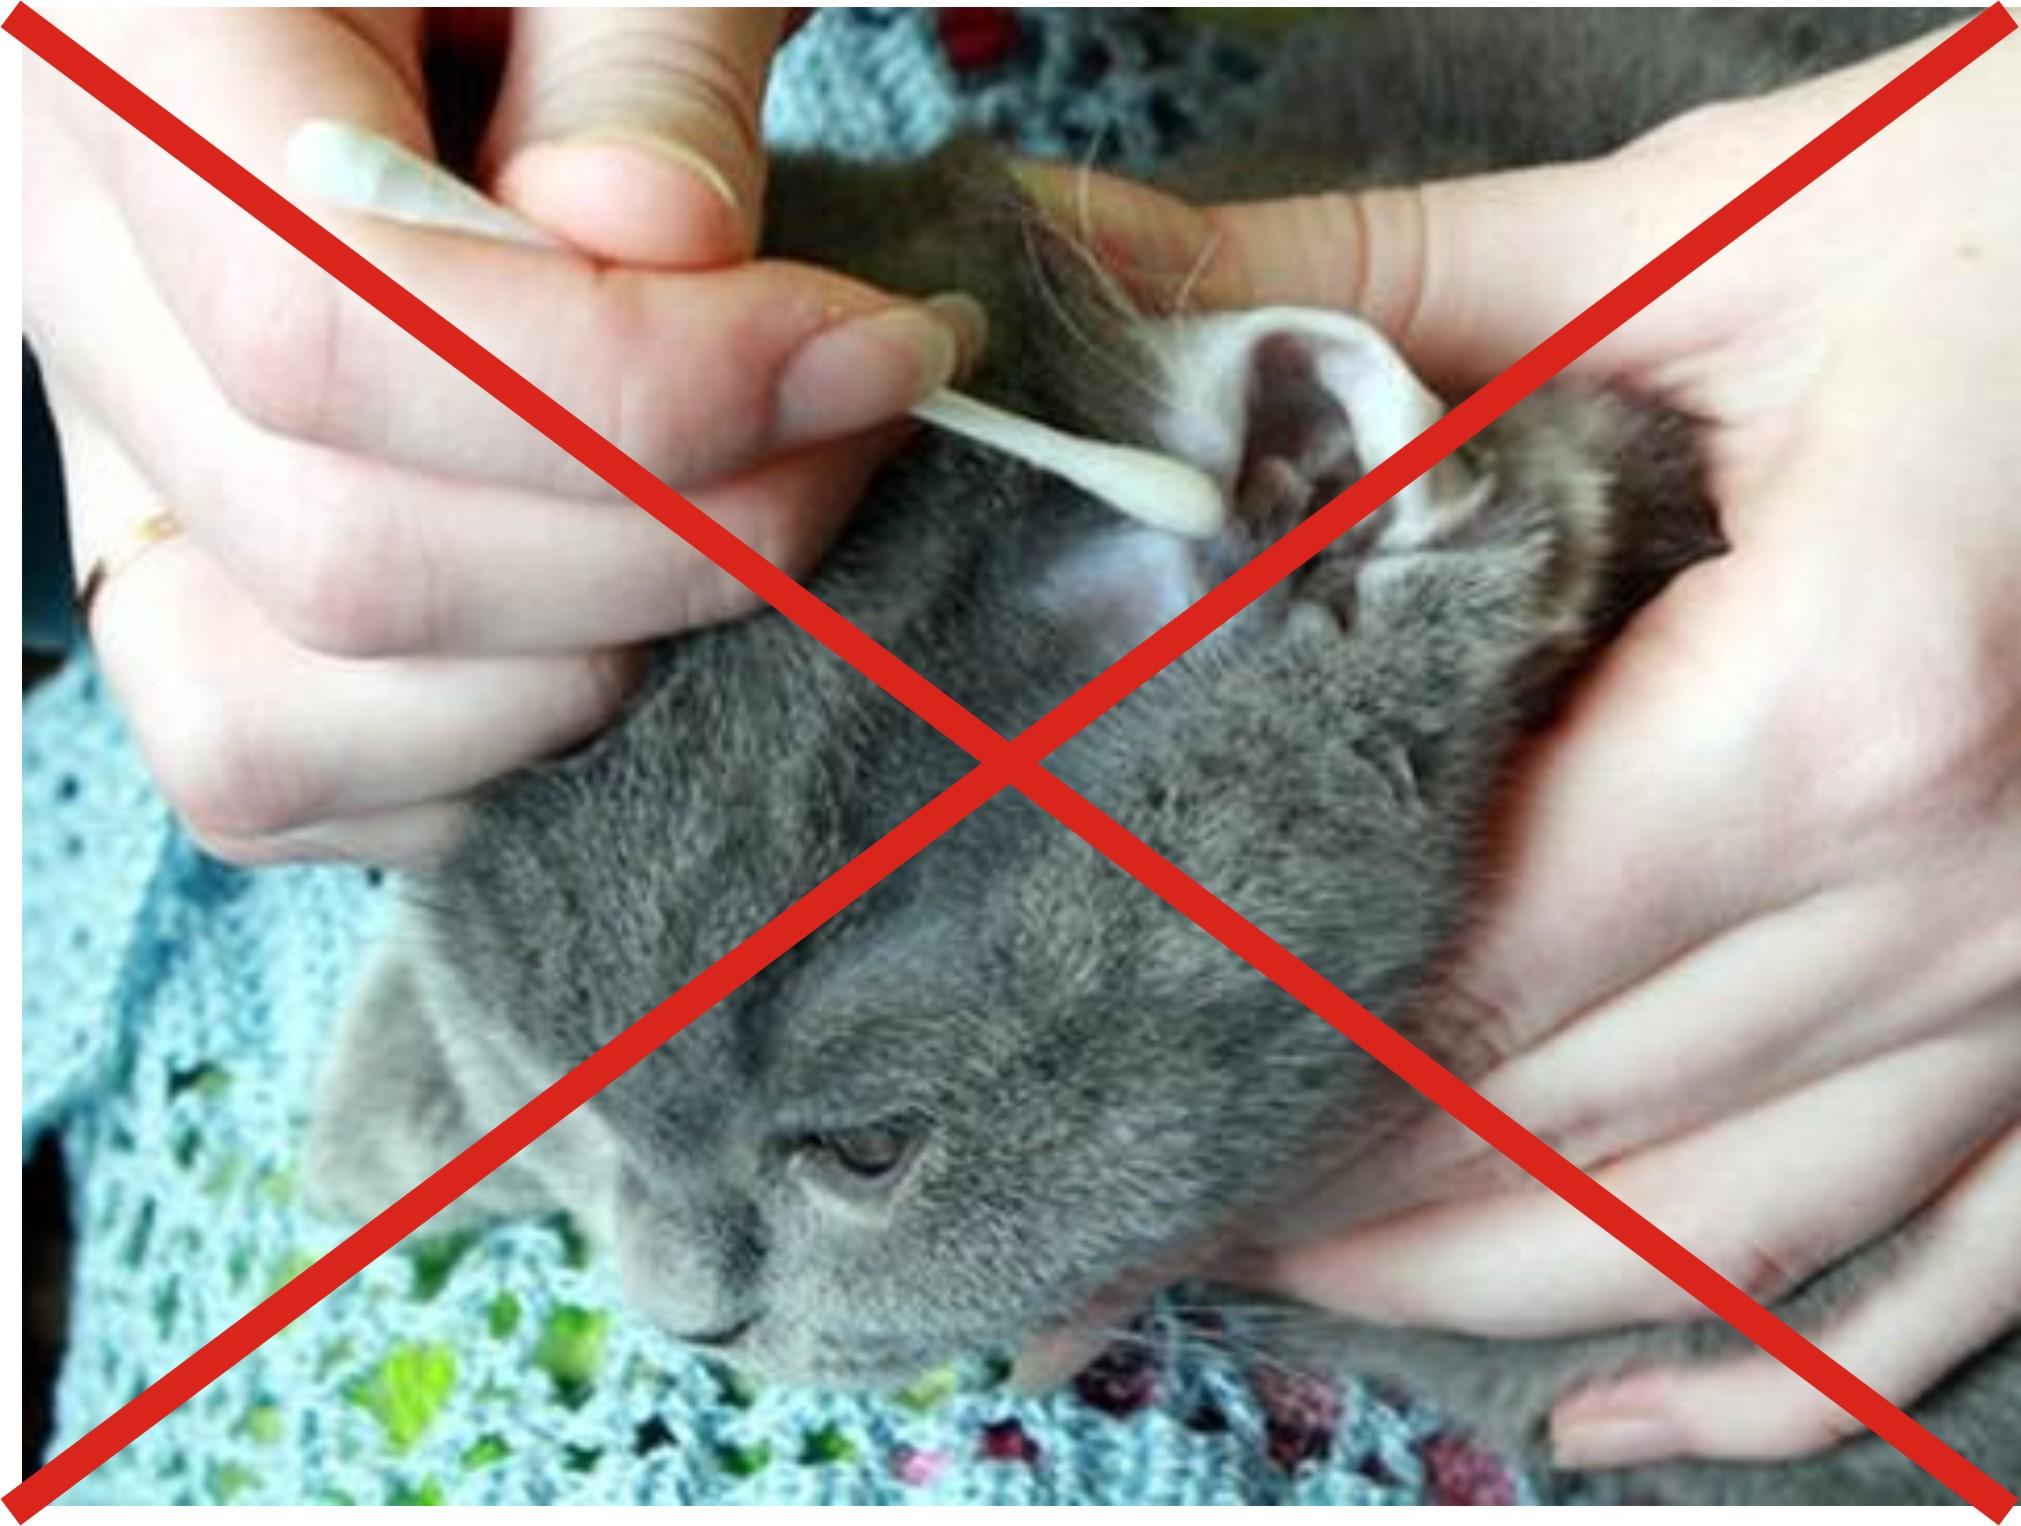 Как вылечить уши коту в домашних условиях